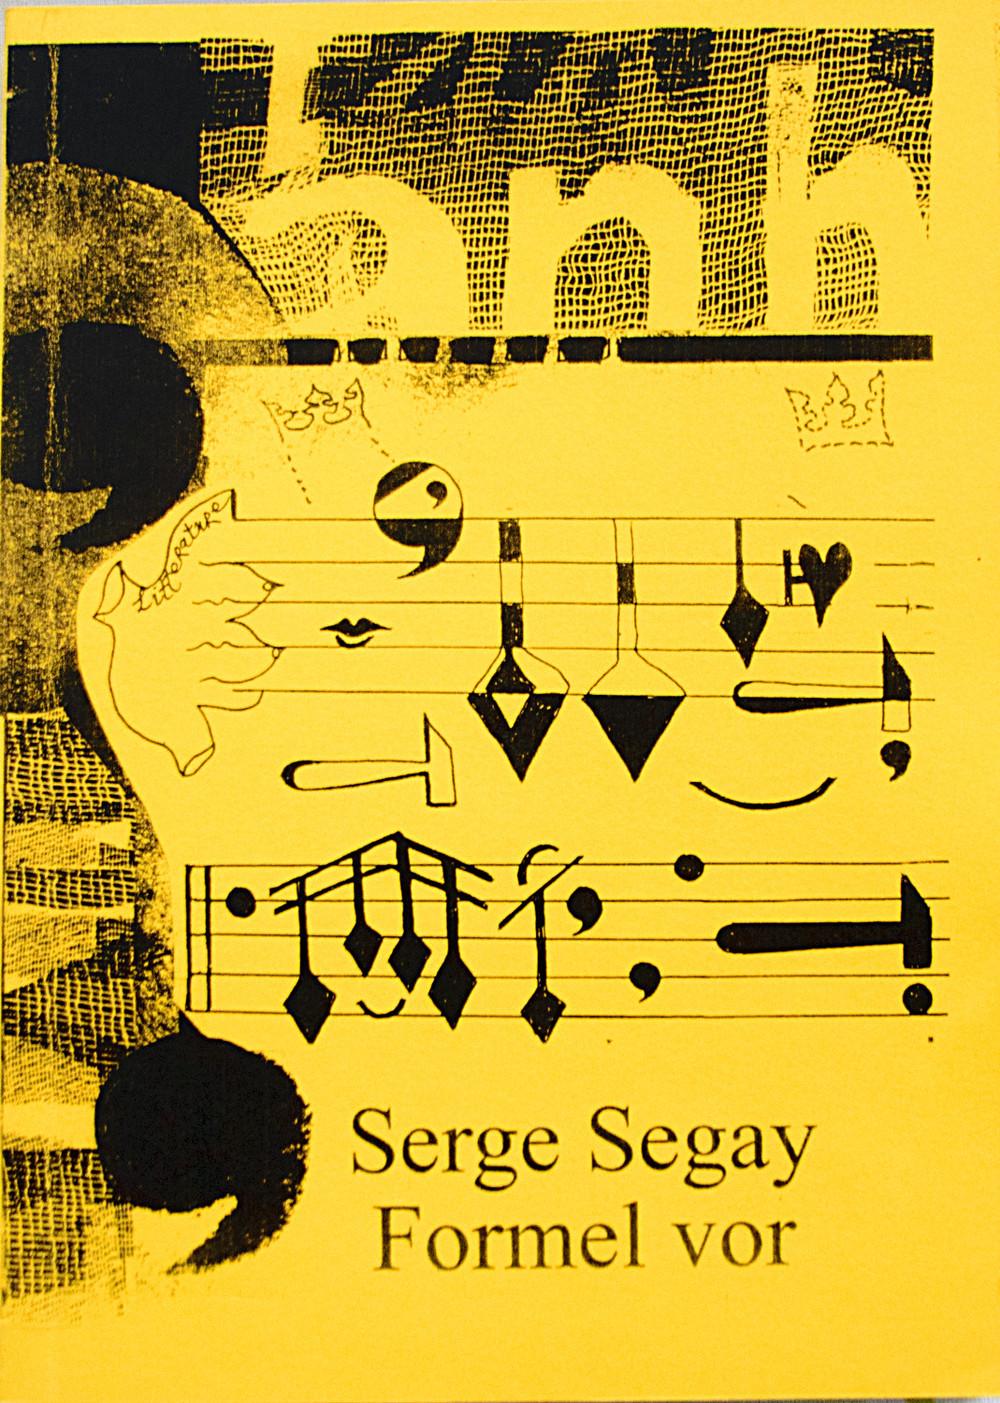 Formel vor: Serge Segay